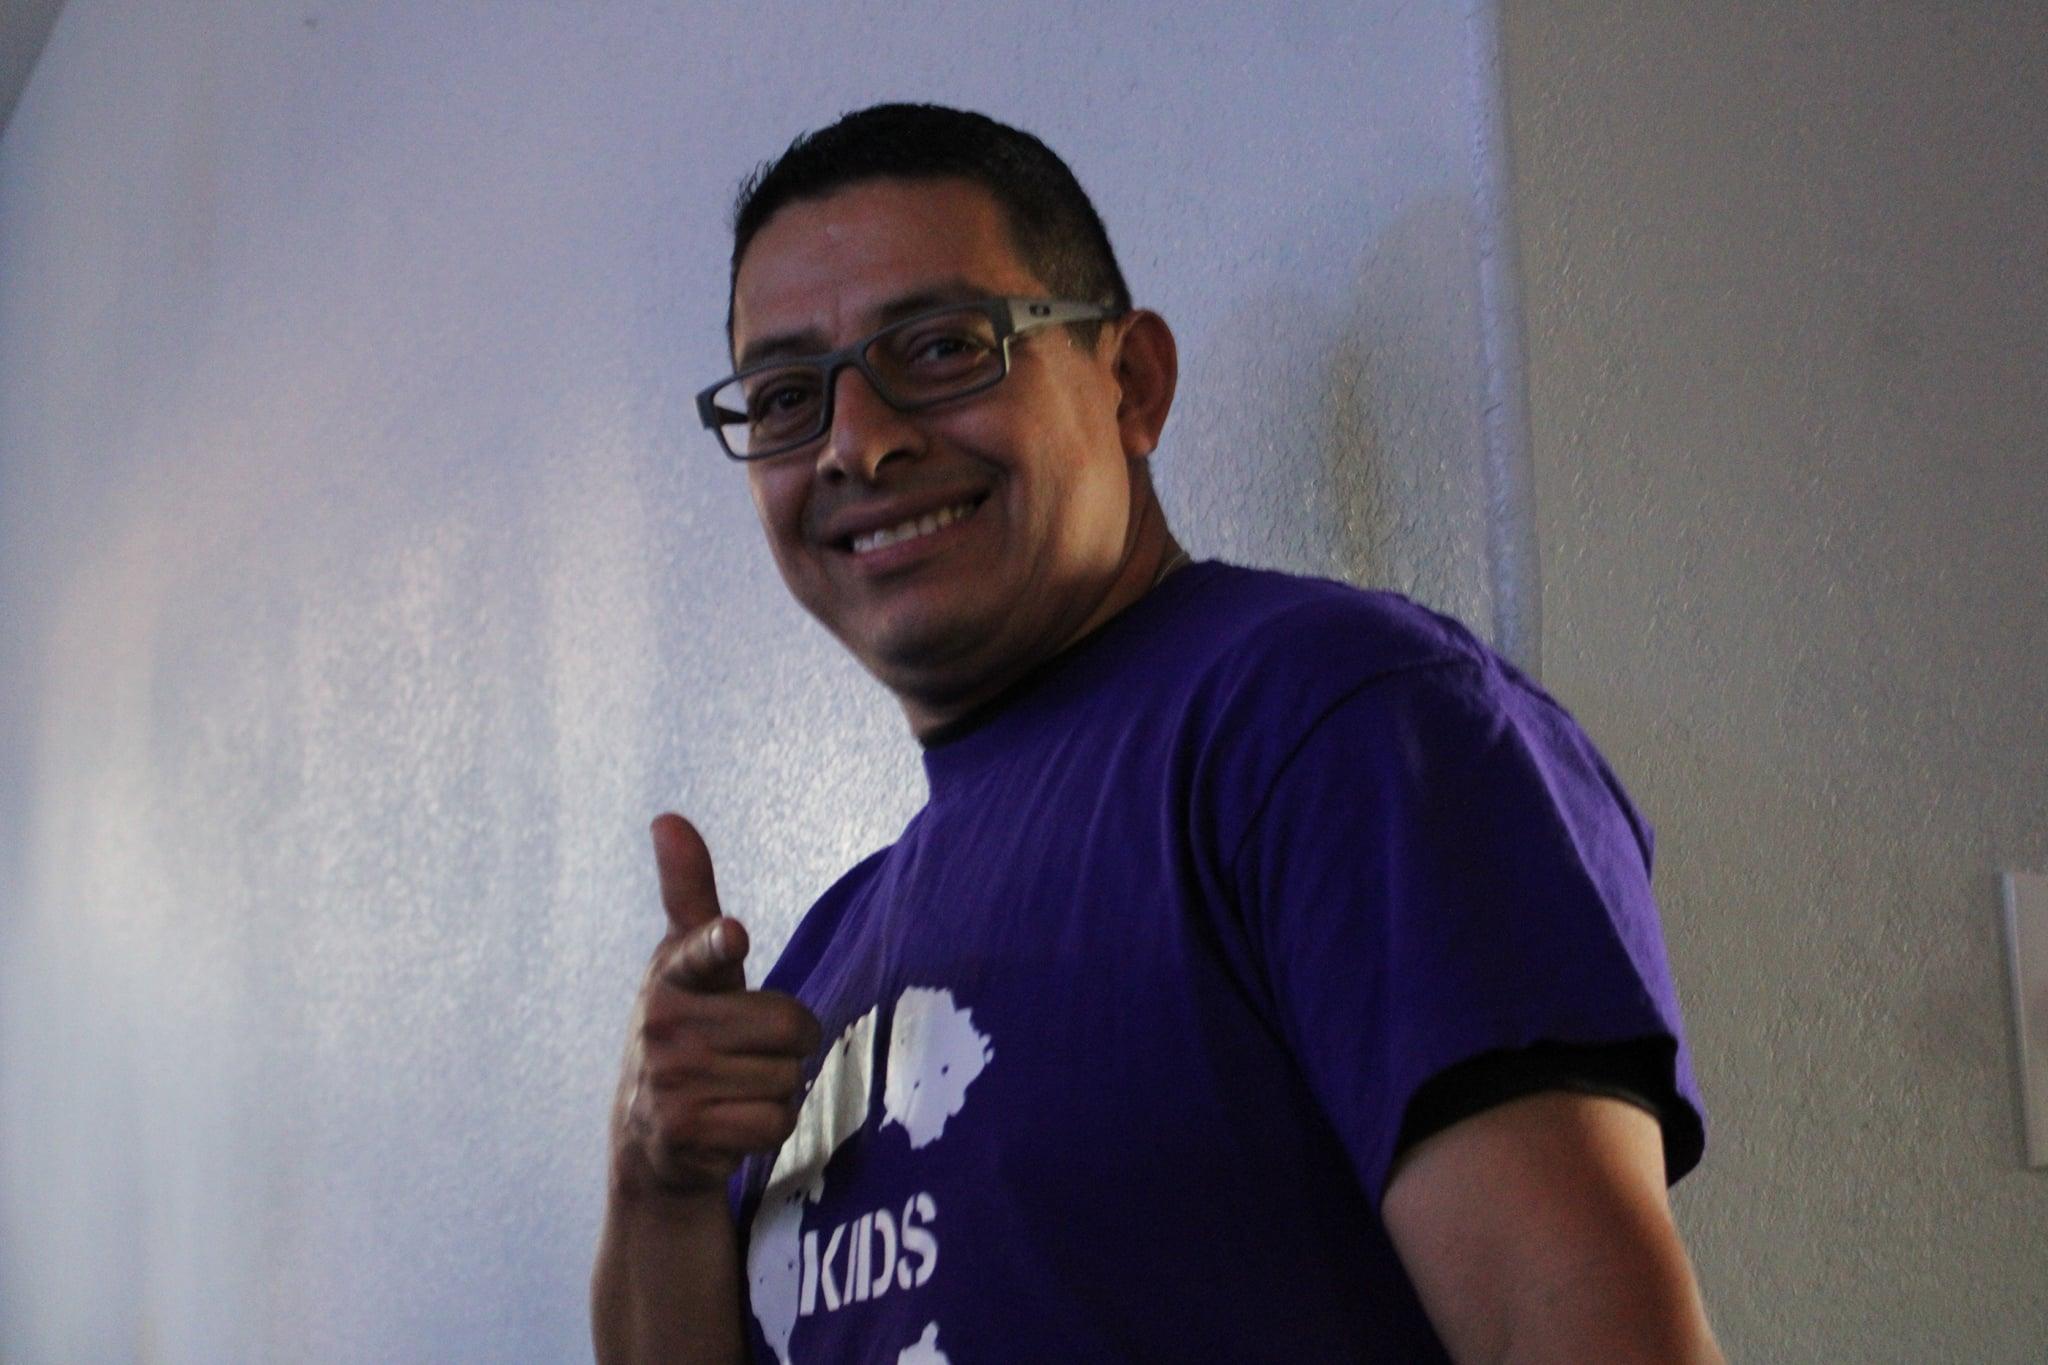 Jubentino Rubio